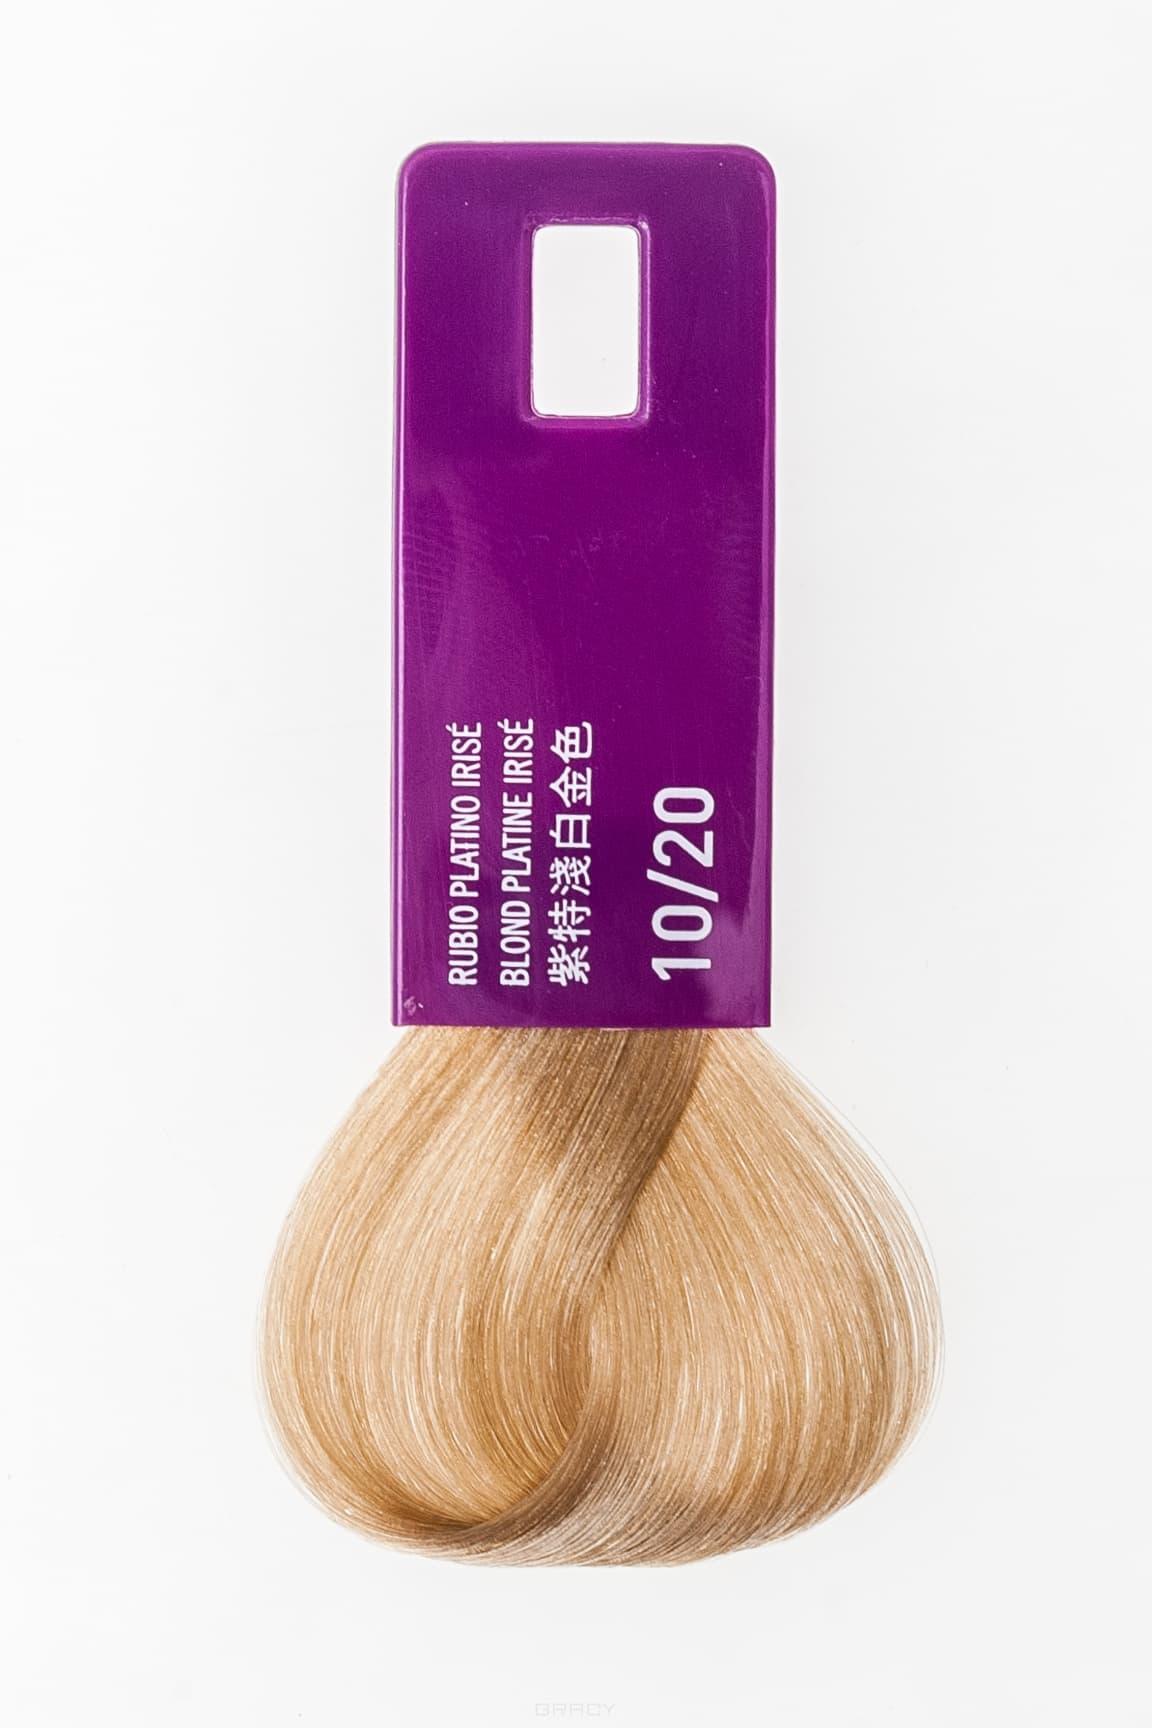 Купить Lakme, Крем-краска для волос тонирующая Gloss, 60 мл (54 оттенка) 10/20 очень светлый блондин филетовый